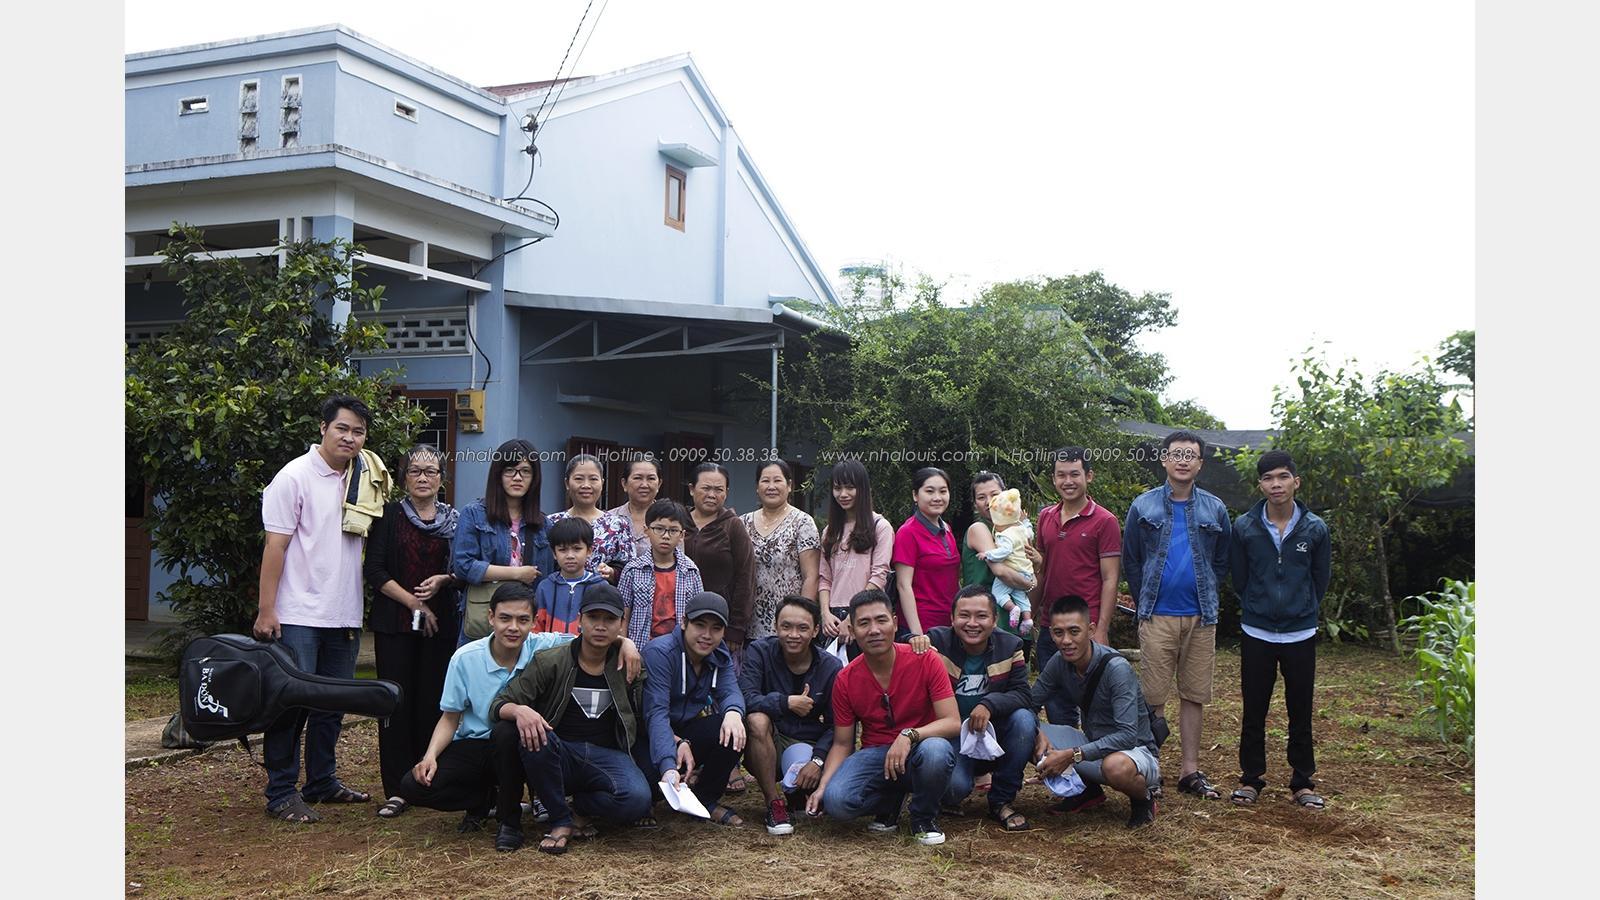 Tham quan,du lịch nghỉ dưỡng tại thành phố Bảo Lộc